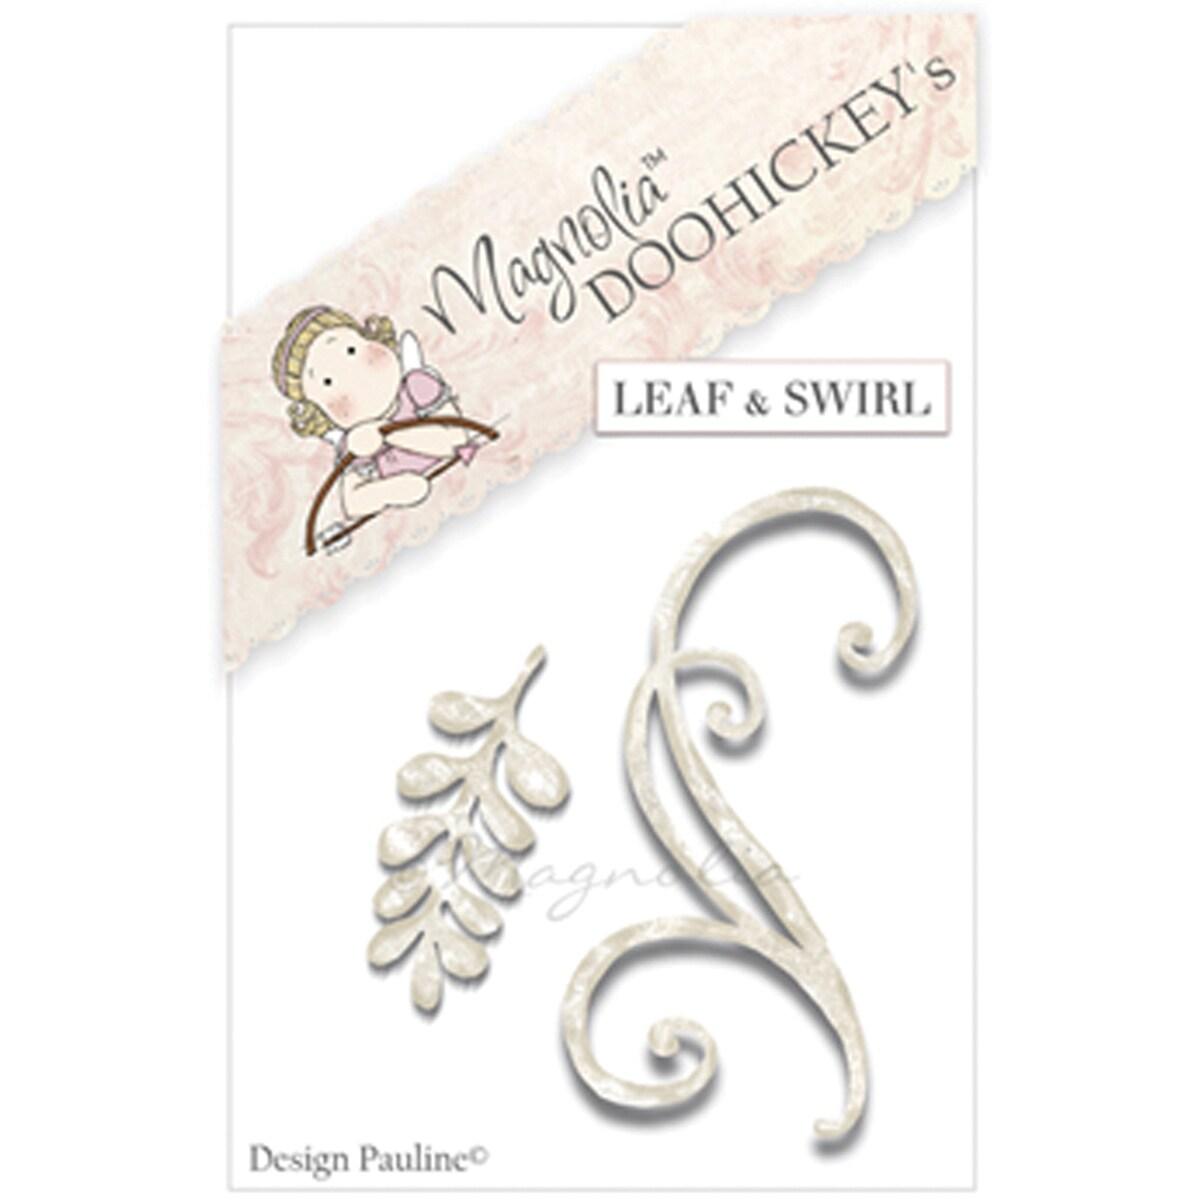 Wedding DooHickeys Dies-Leaf & Swirl